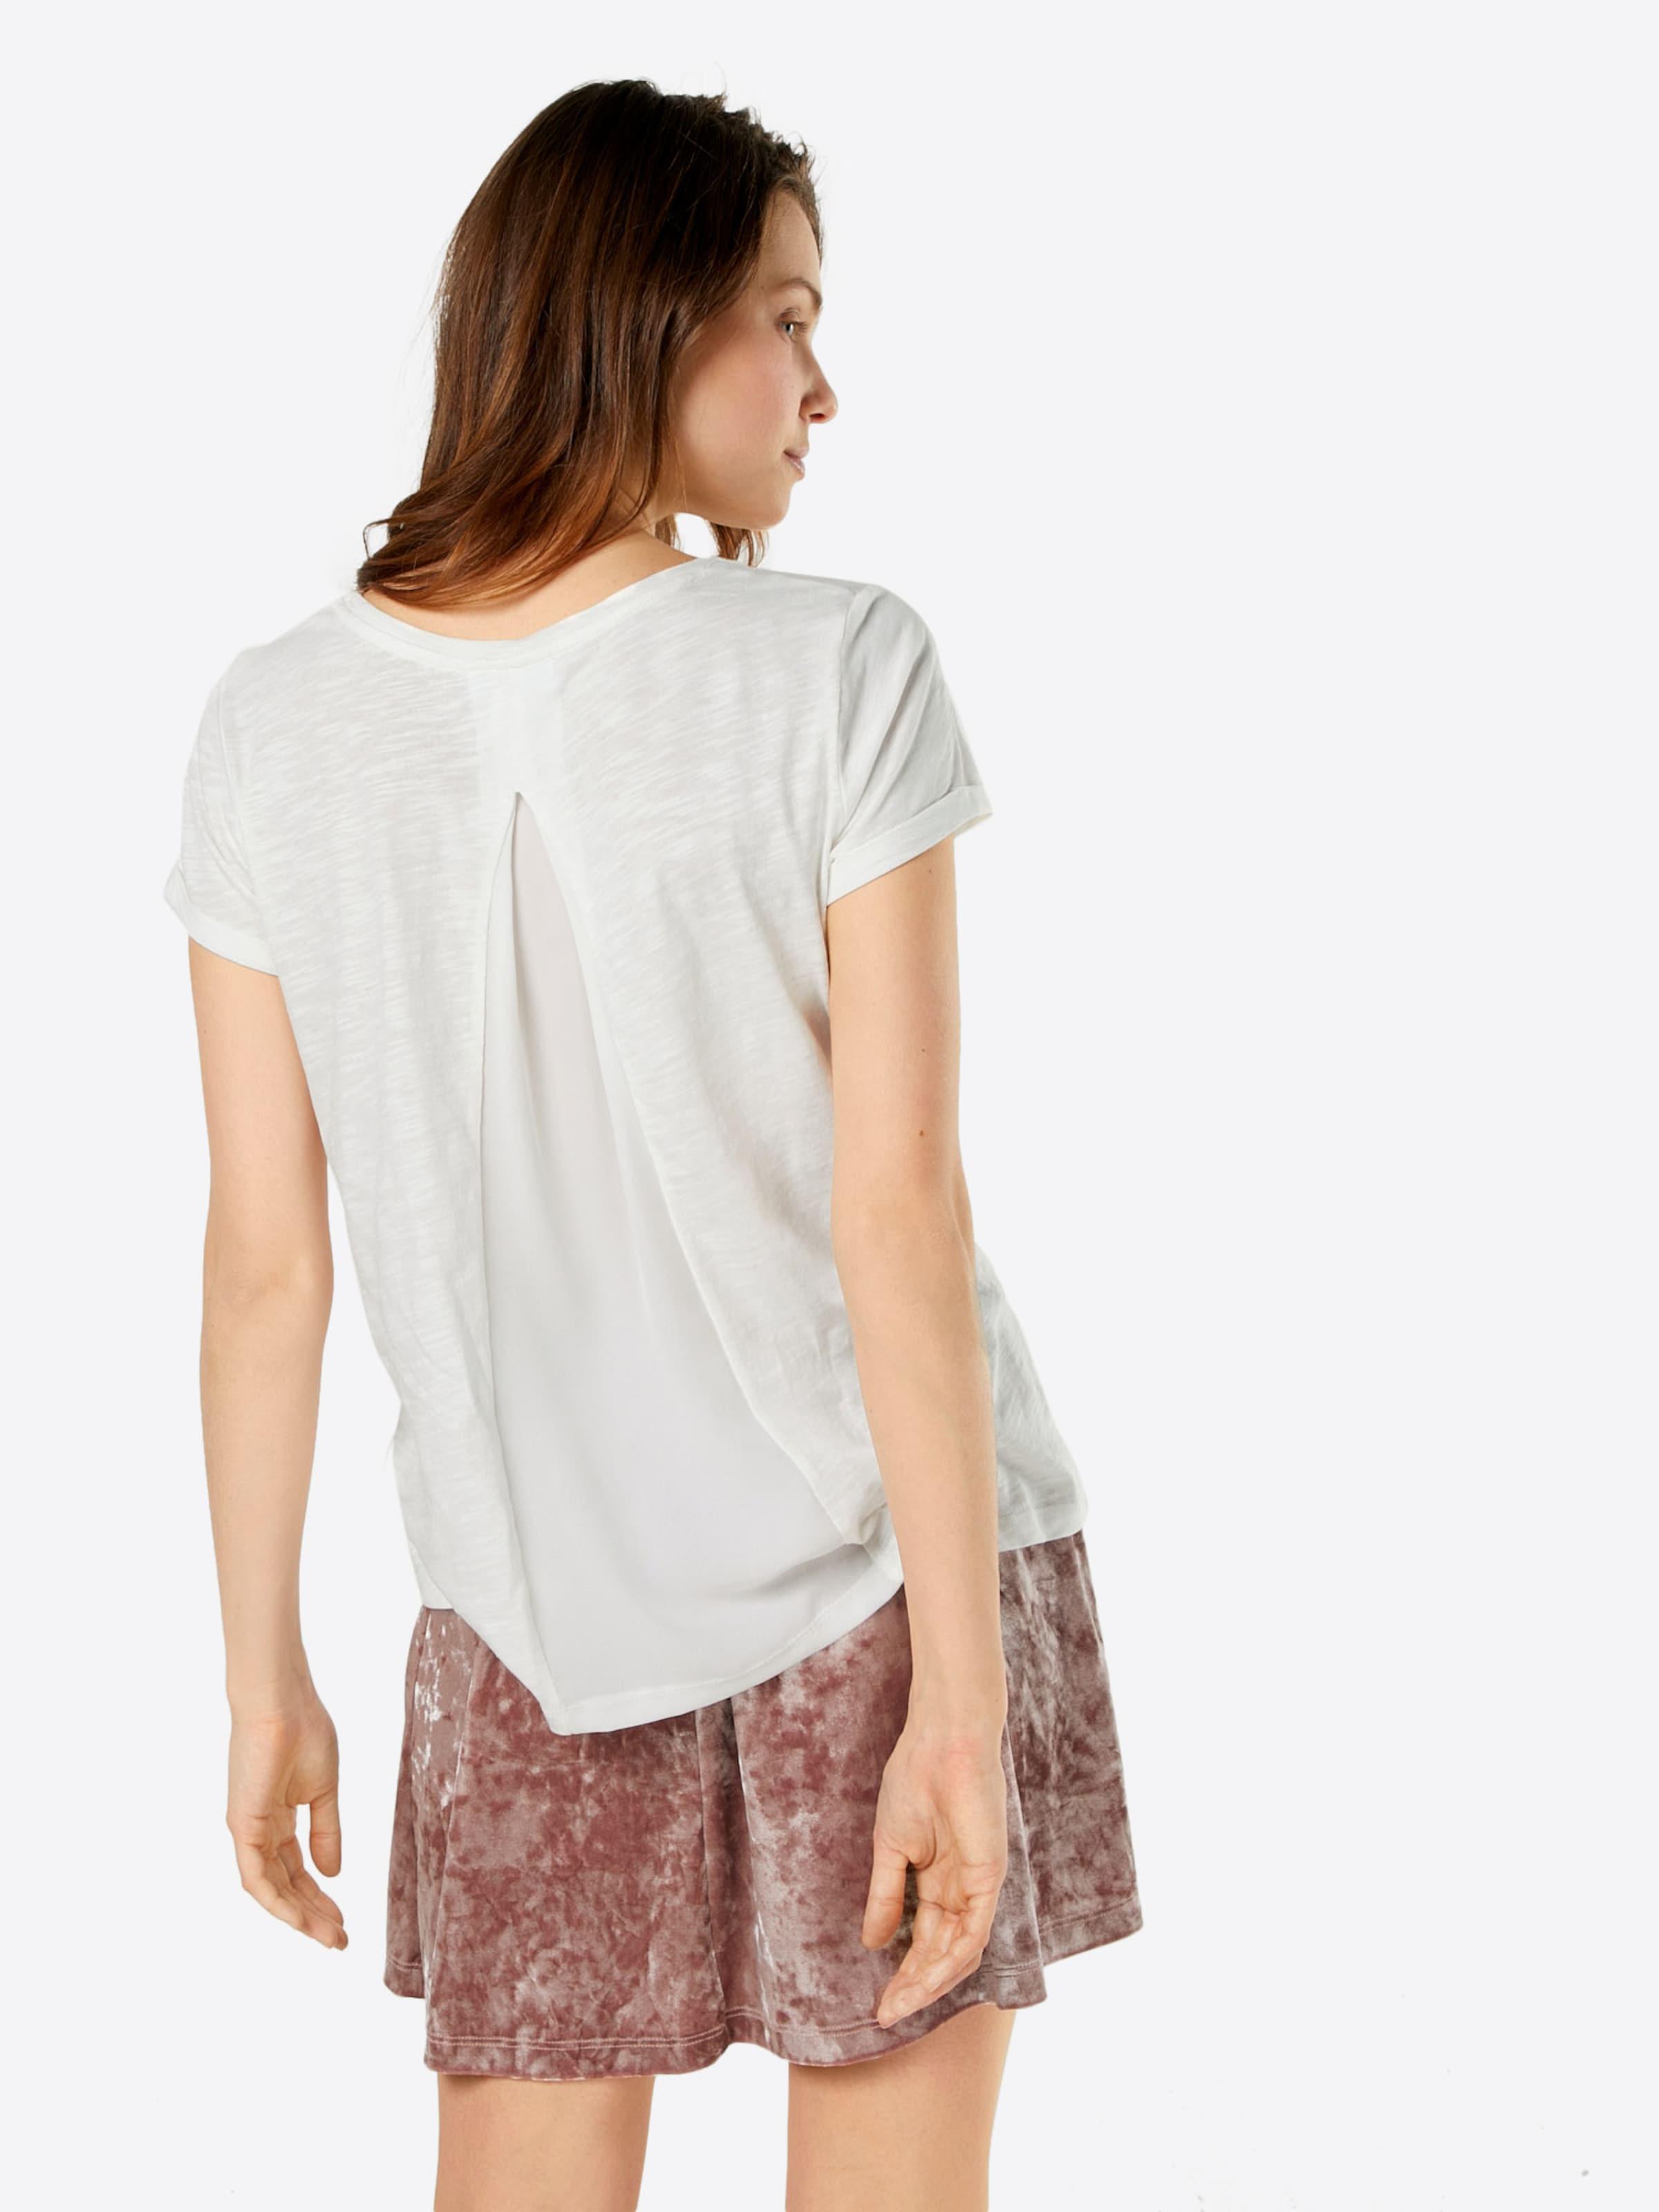 Le Temps Des Cerises Shirt 'GLAMROCK' Verkauf Besten Platz Heißen Verkauf Online-Verkauf 2018 Neue 8hgWjV